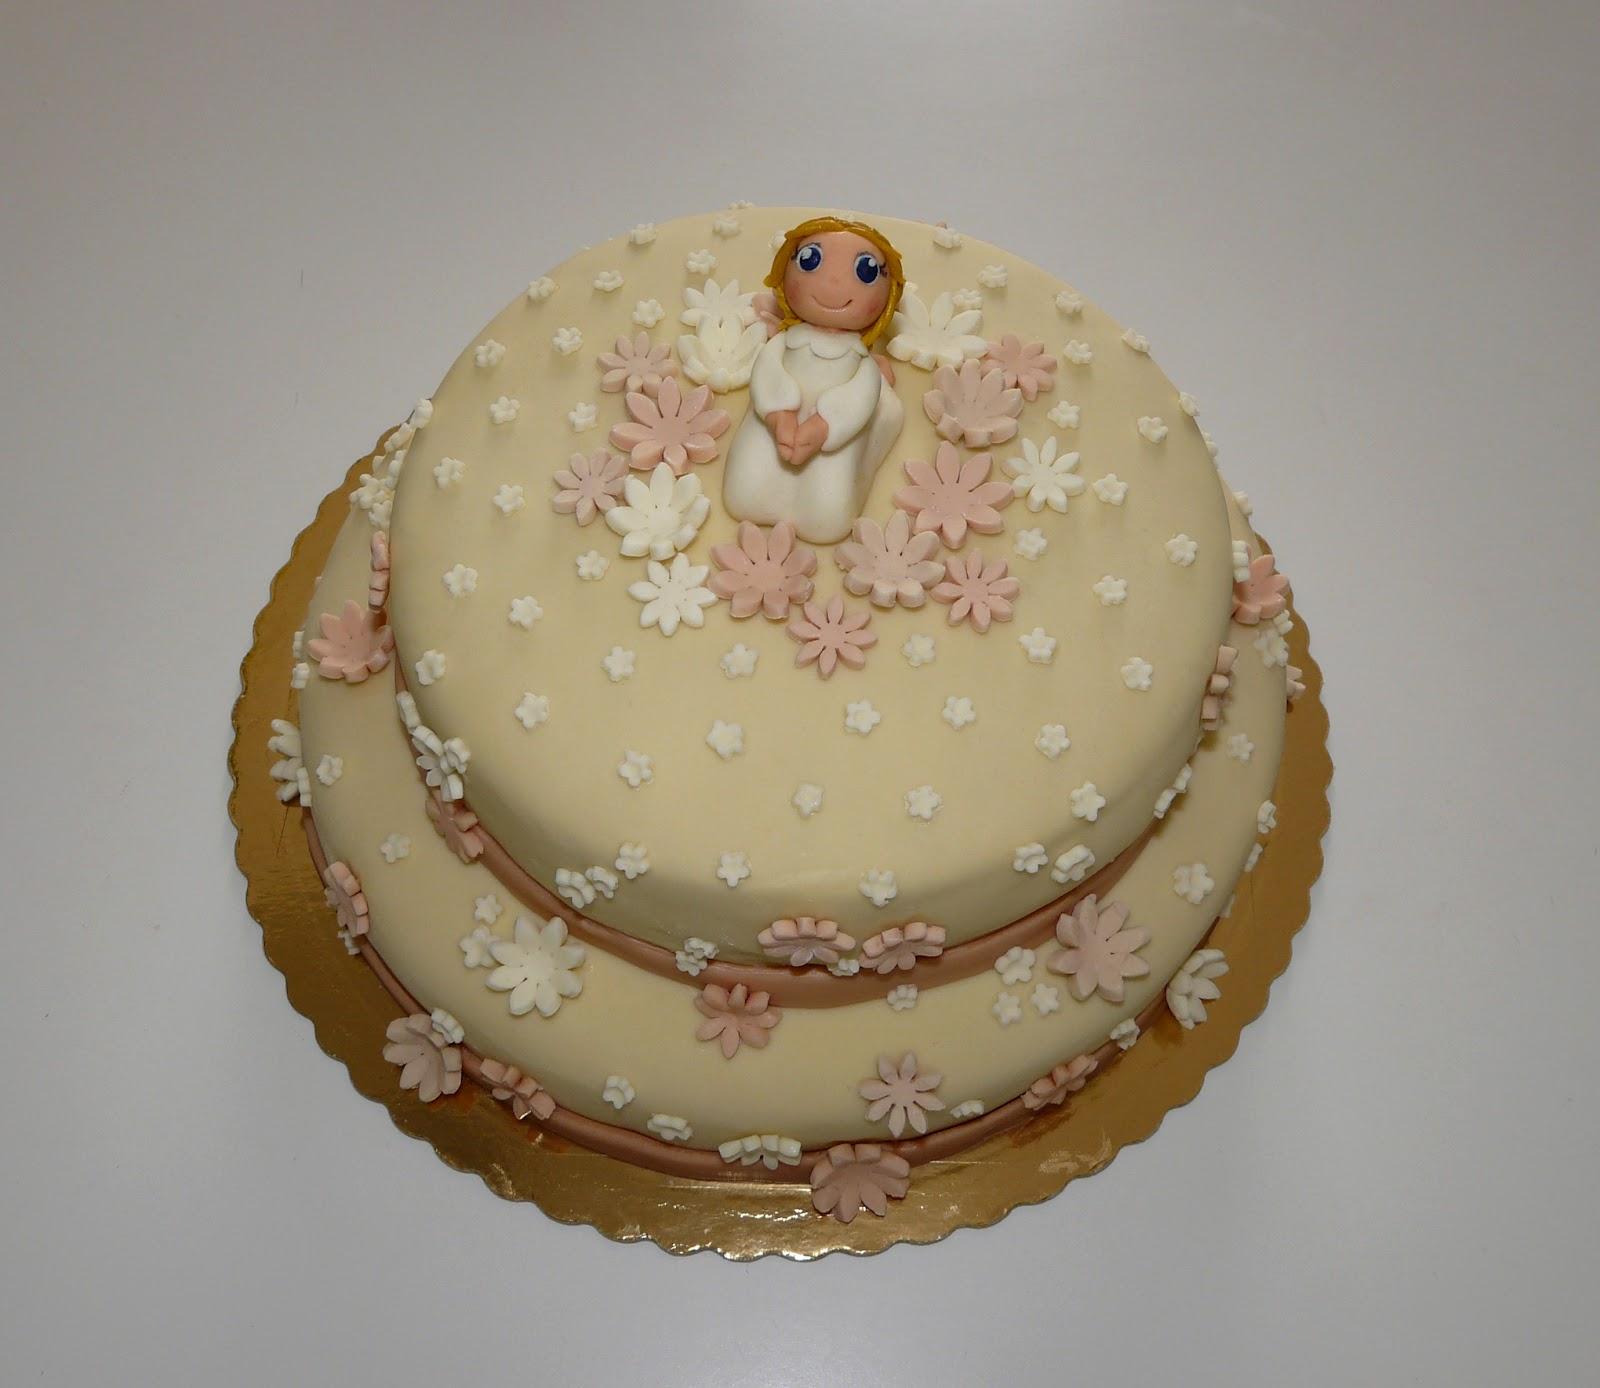 Conosciuto La Cucina di Anita: Una torta di Prima Comunione TK41